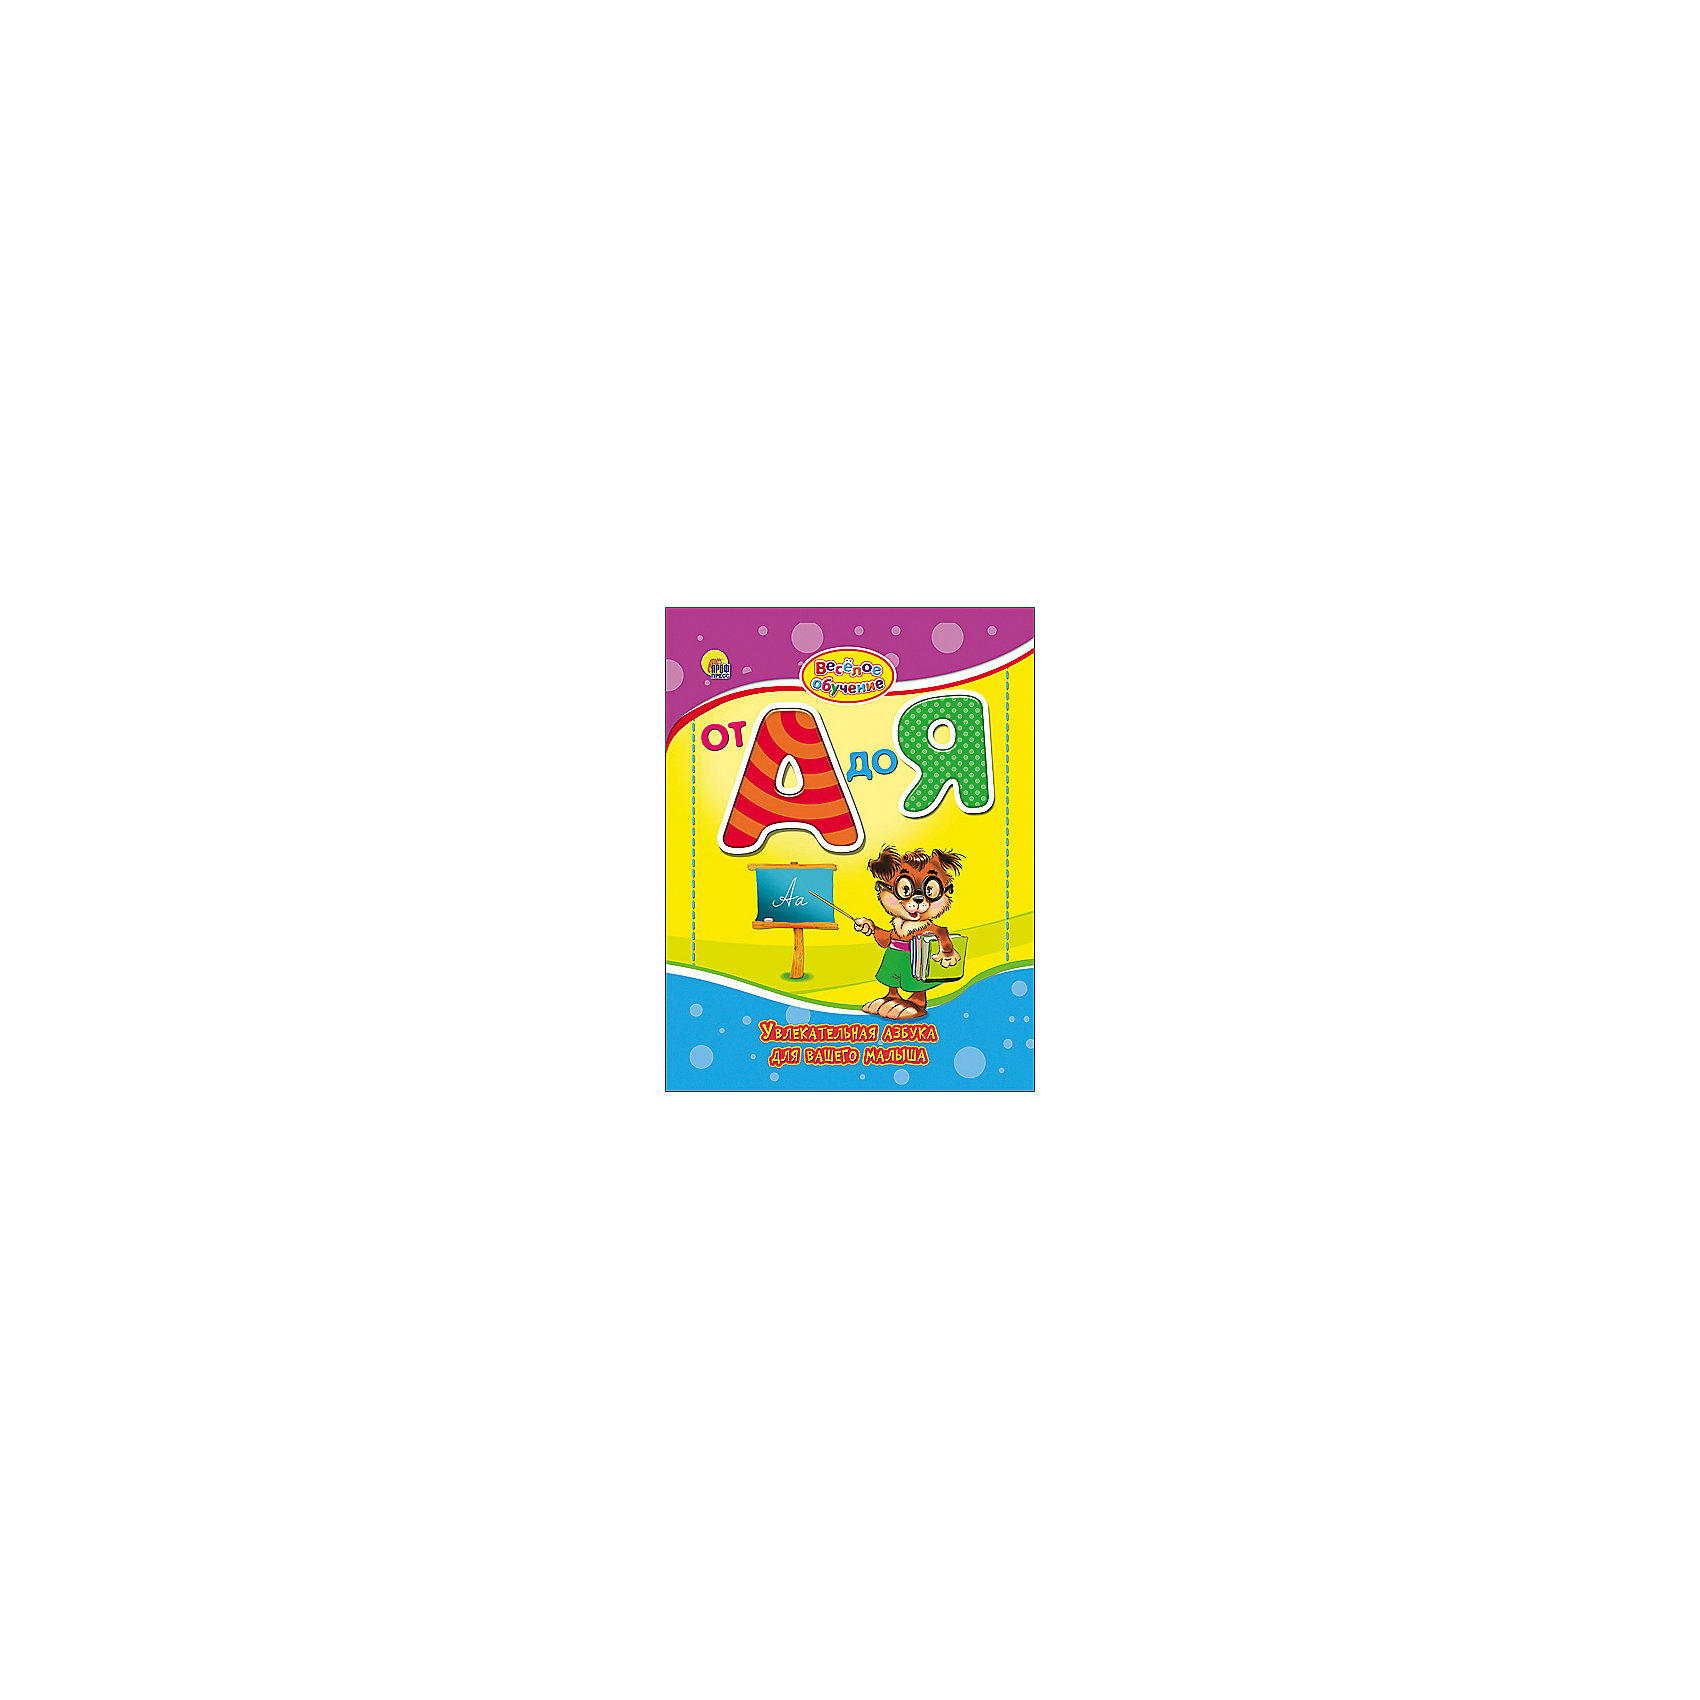 Весёлое обучение. От а до яОт А до Я - лучший помощник родителей в обучении ребенка. Перекидная азбука с красивыми картинками и интересными стихами обязательно вызовет интерес у малыша, и он с легкостью выучит буквы русского алфавита.<br>Дополнительная информация:<br>Издательство: Проф-Пресс<br>Год выпуска: 2016<br>Серия: Веселое обучение (Перекидная азбука на спирали)<br>Обложка: мягкая<br>Иллюстрации: цветные<br>Количество страниц: 32<br>ISBN:978-5-378-17436-2<br>Размер: 16,2х1,5х21,5 см<br>Вес: 420 грамм<br>Книгу От А до Я можно купить в нашем интернет-магазине.<br><br>Ширина мм: 215<br>Глубина мм: 15<br>Высота мм: 162<br>Вес г: 420<br>Возраст от месяцев: 0<br>Возраст до месяцев: 36<br>Пол: Унисекс<br>Возраст: Детский<br>SKU: 4905892